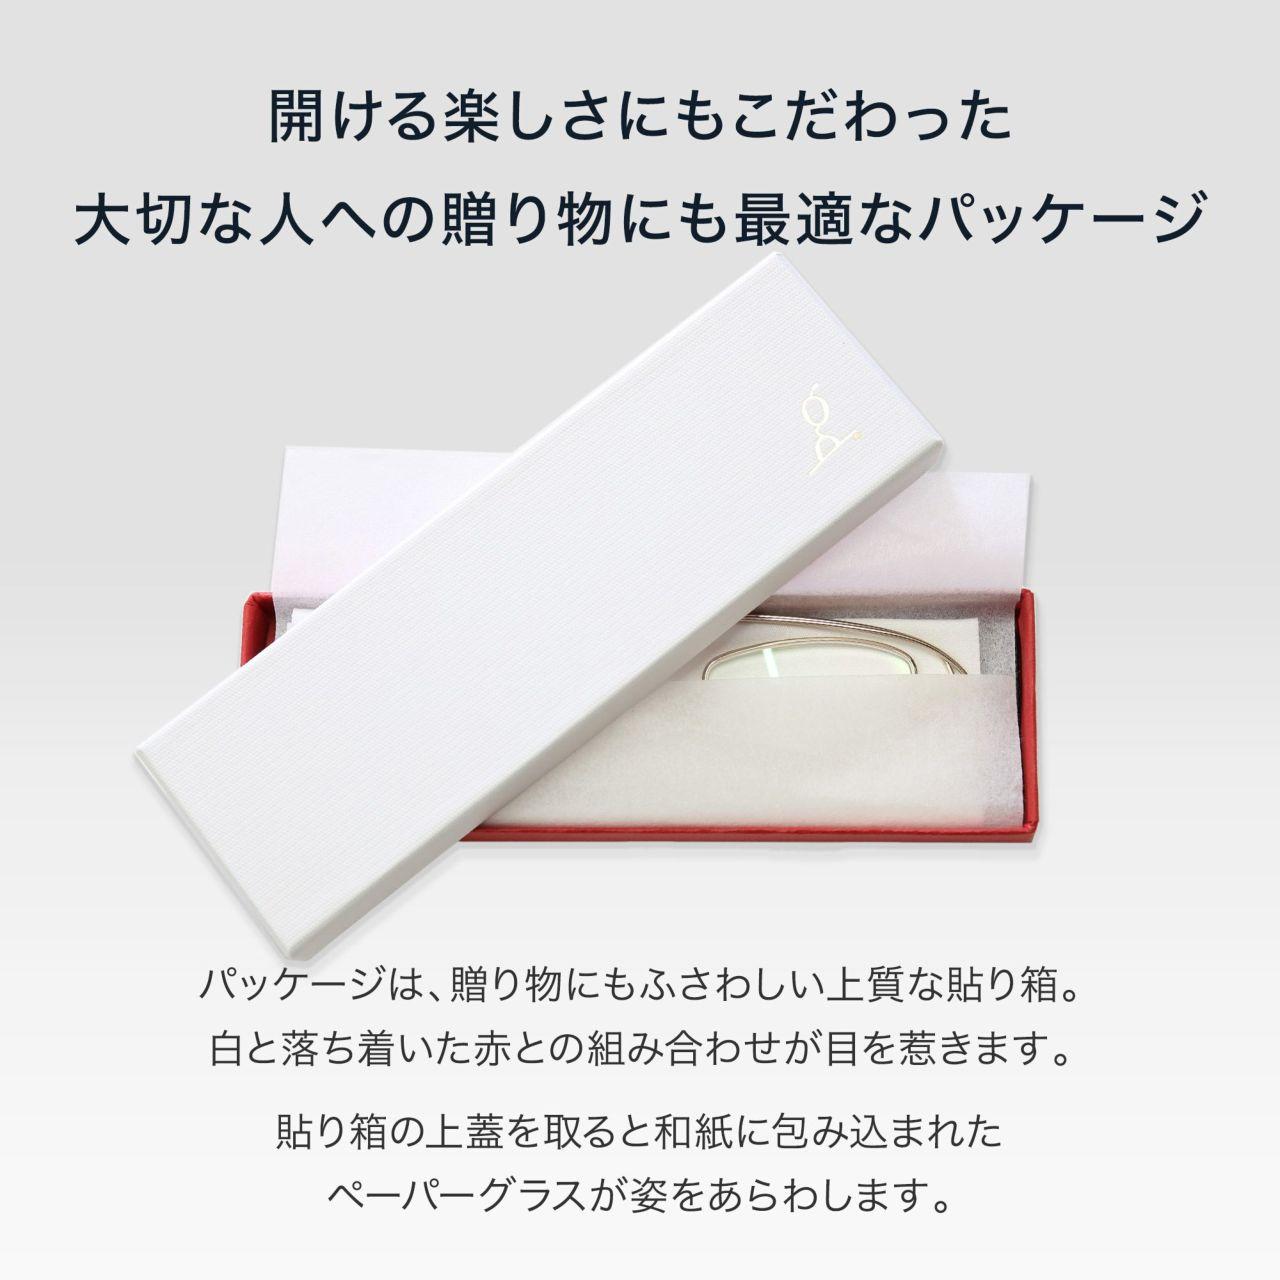 プレゼント(贈り物)にも最適なパッケージ